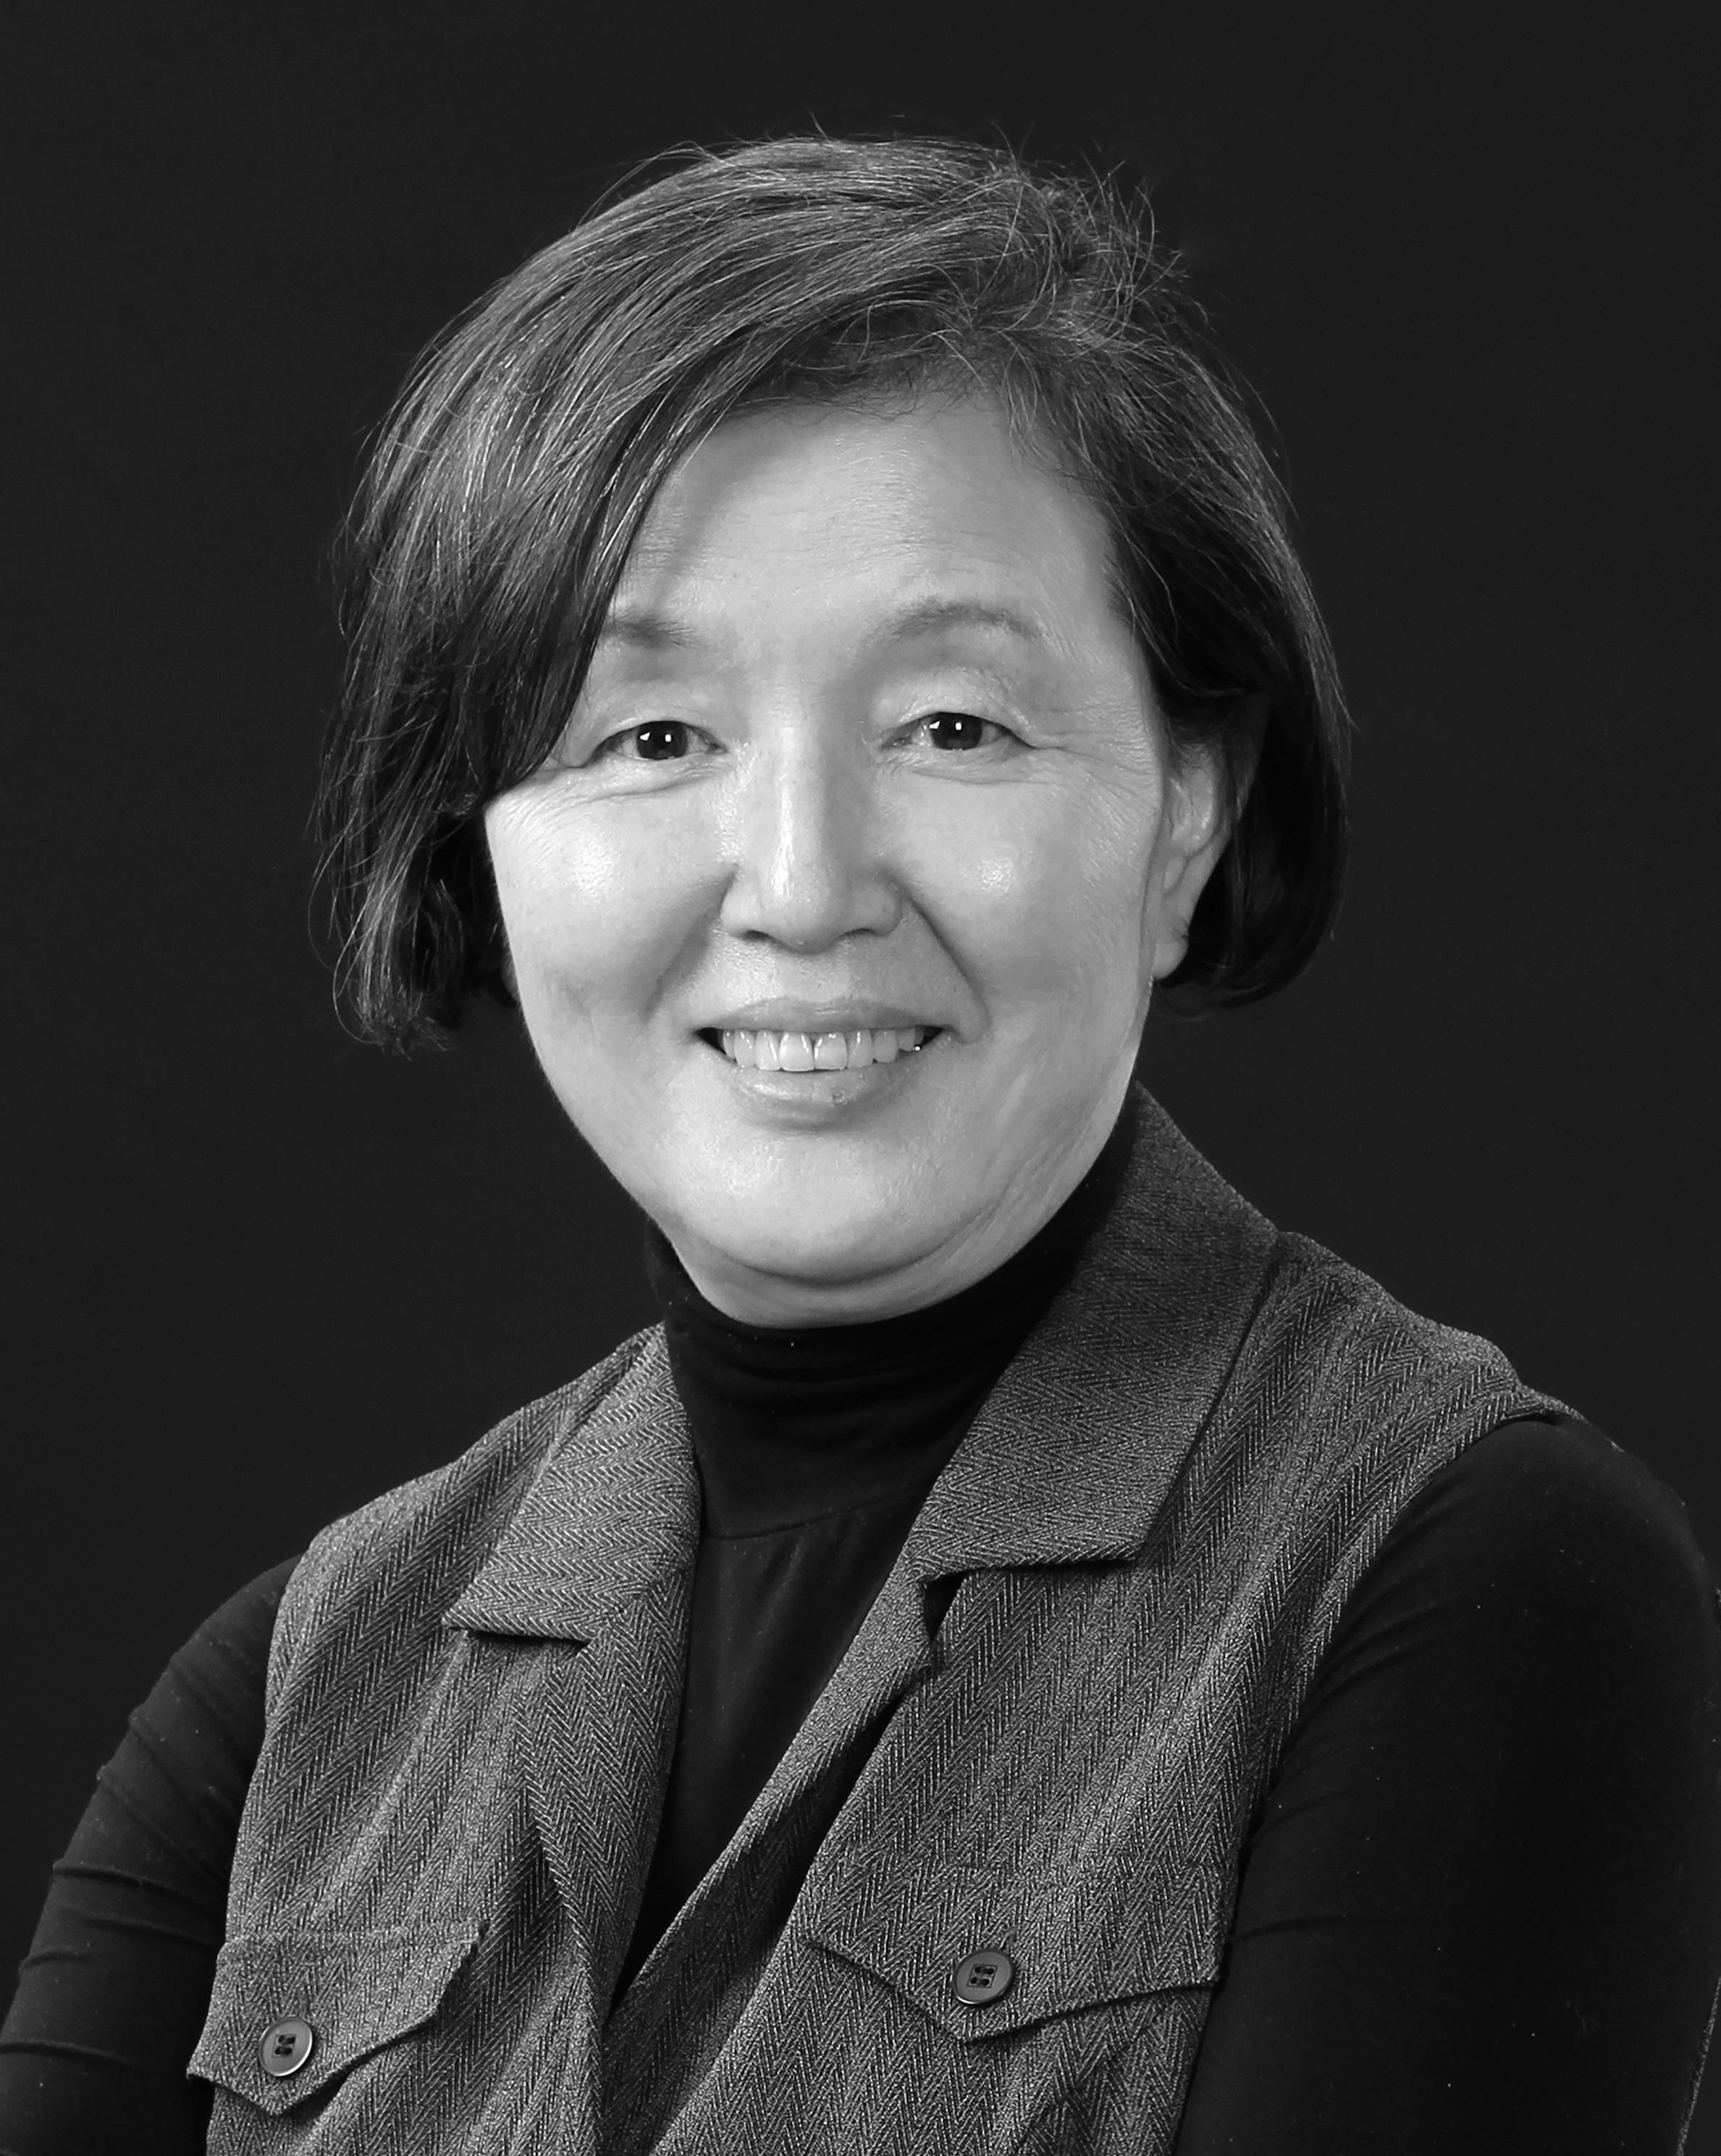 김혜숙(金惠淑) 교수님 사진